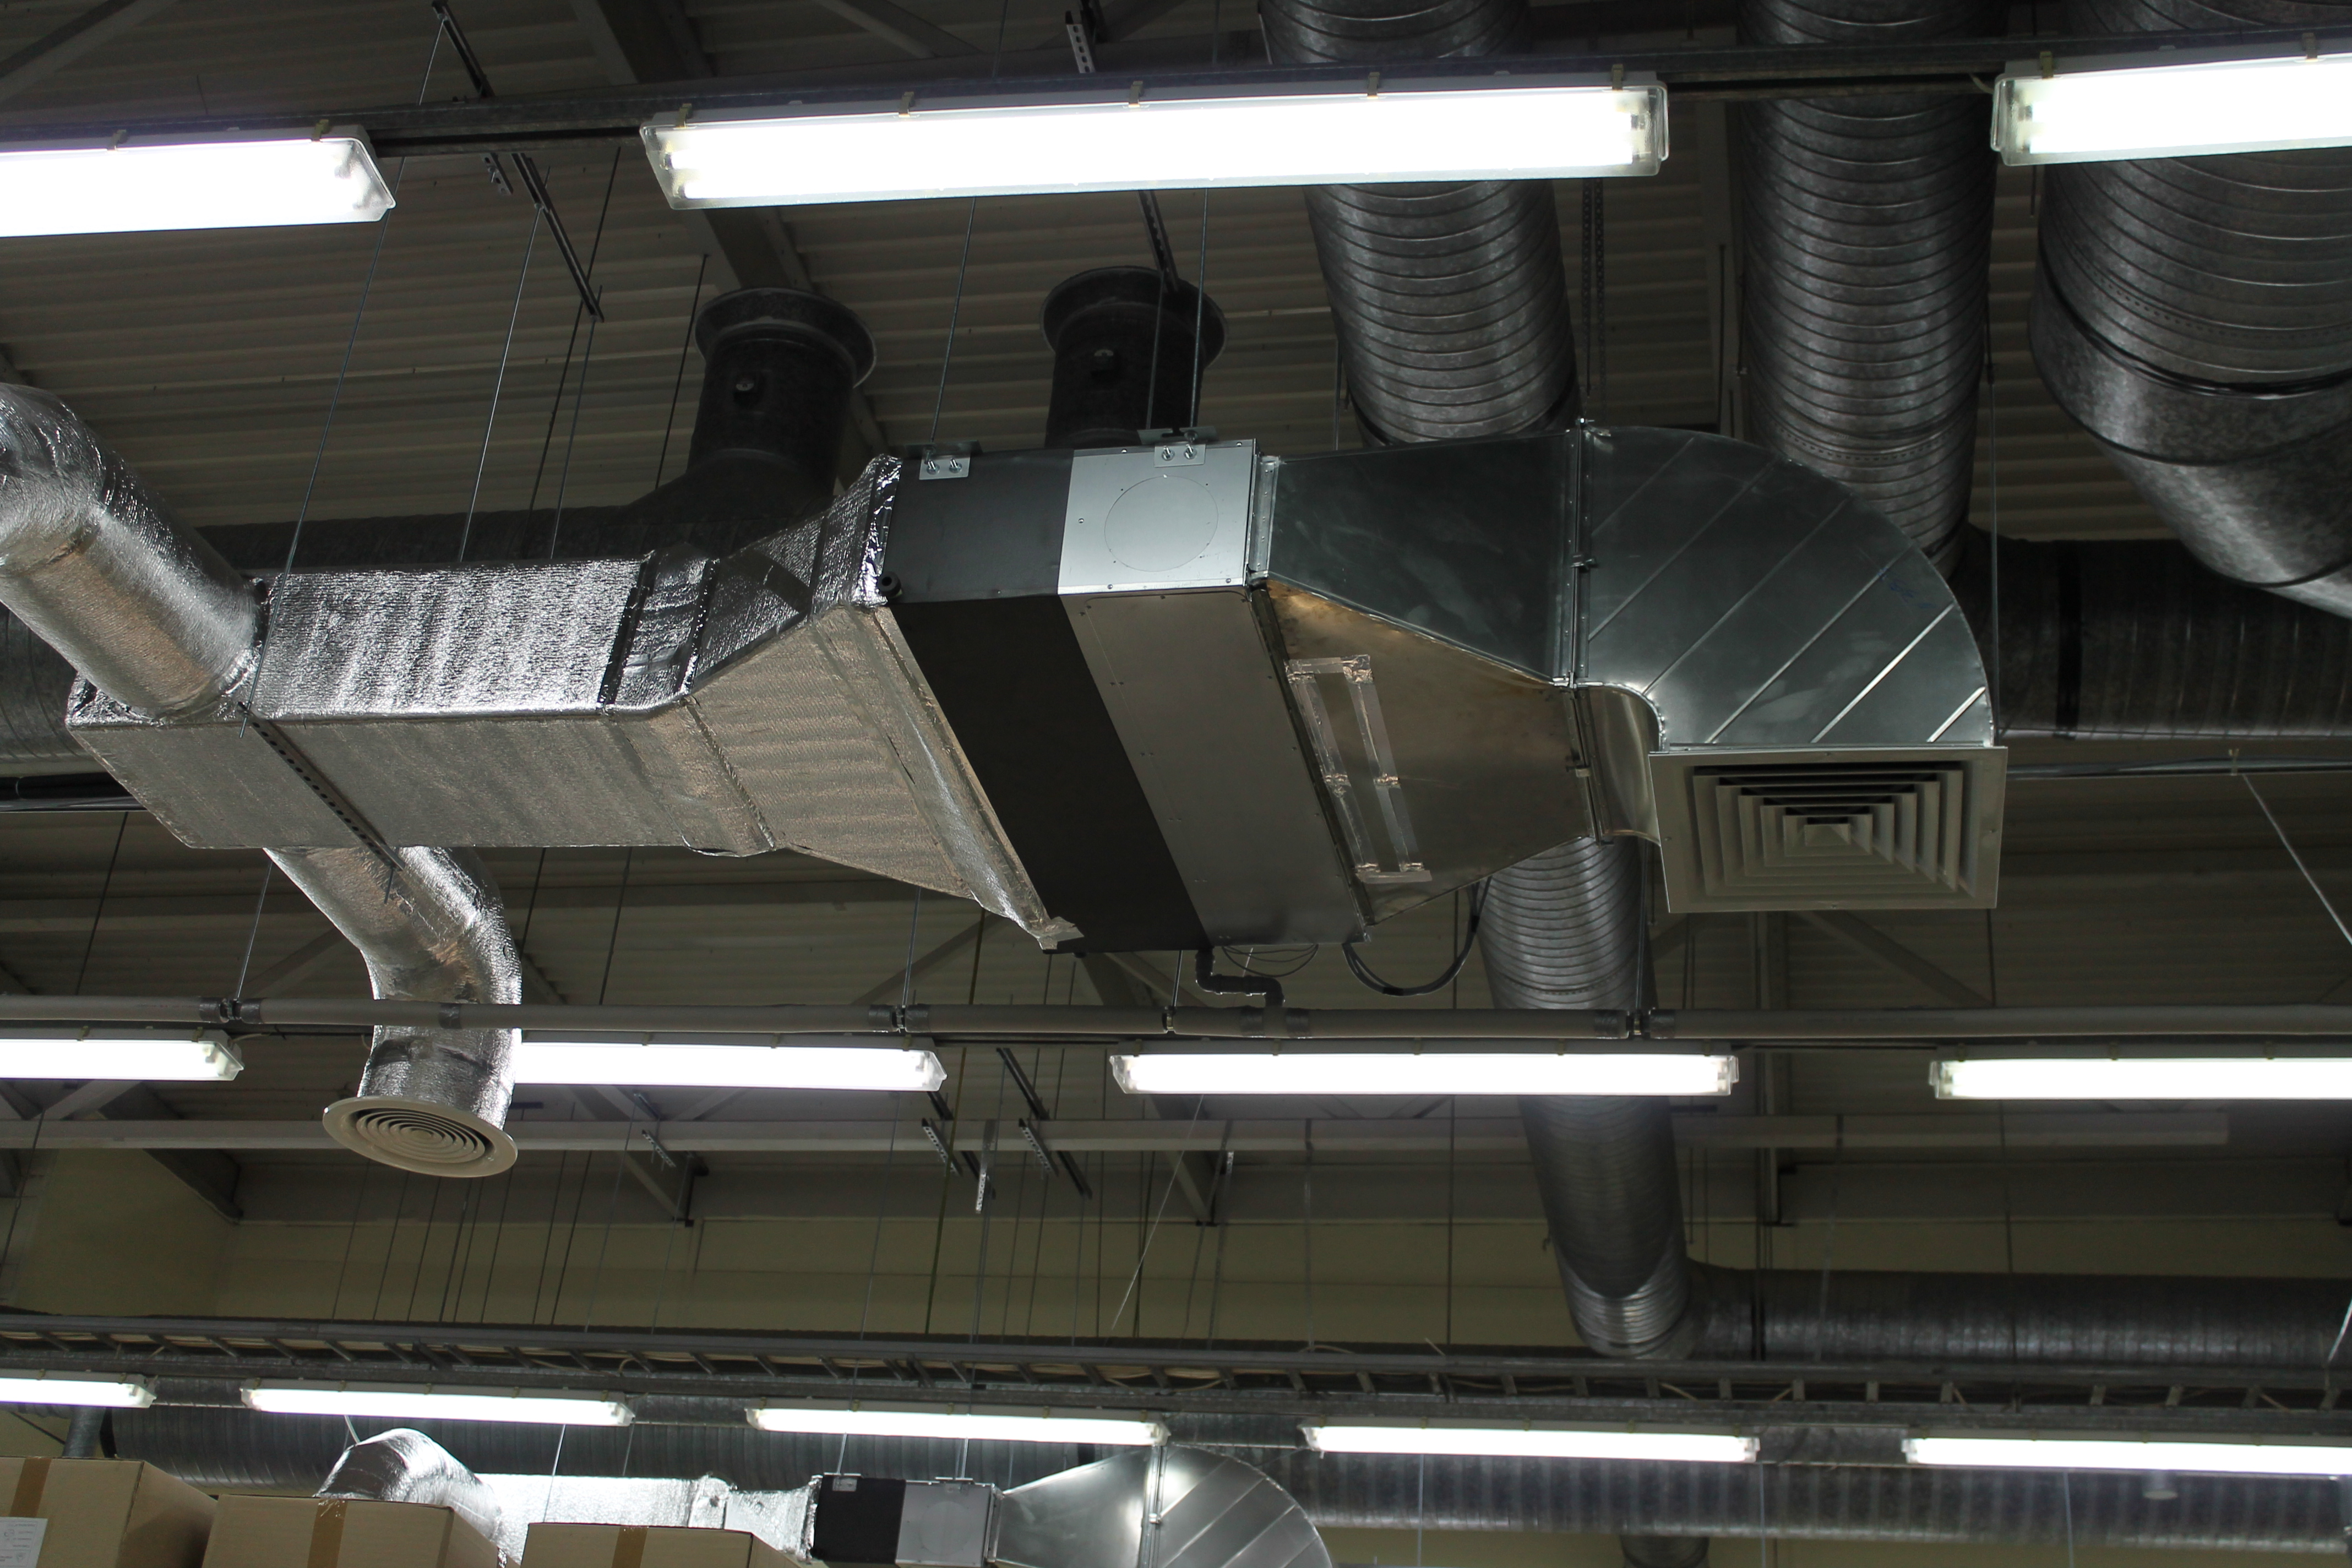 Пластиковые воздуховоды: прямоугольная вентиляция, виды, размеры, элементы, трубы, фото